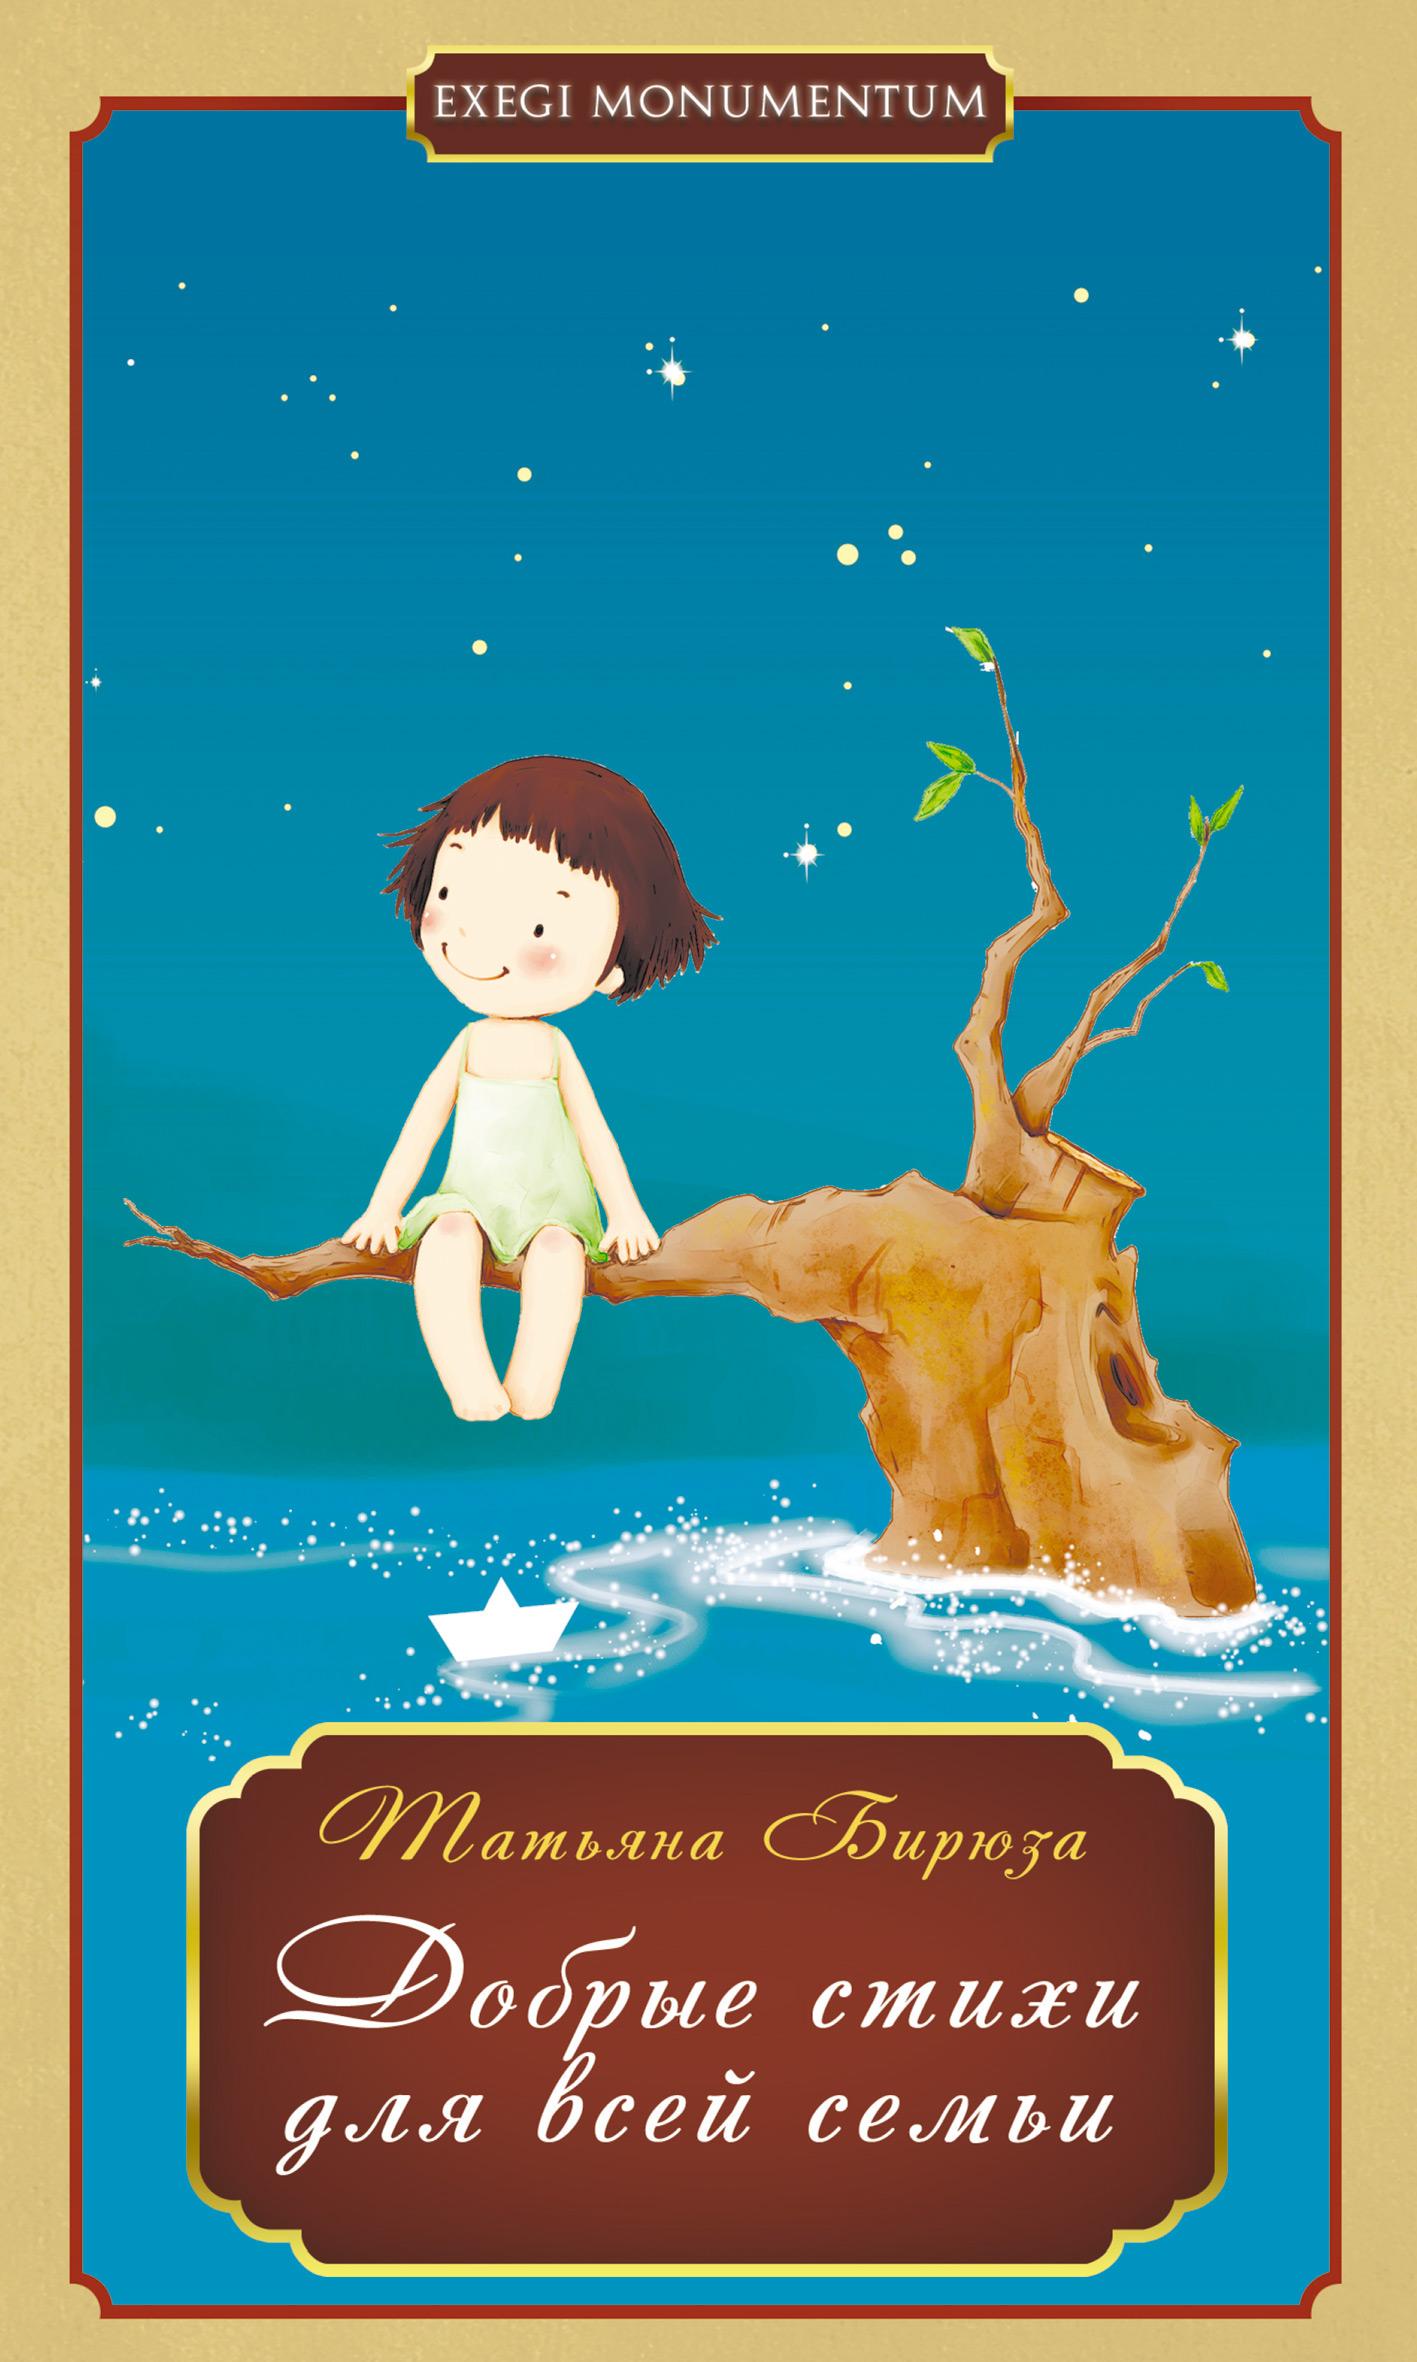 Татьяна Бирюза Добрые стихи для всей семьи